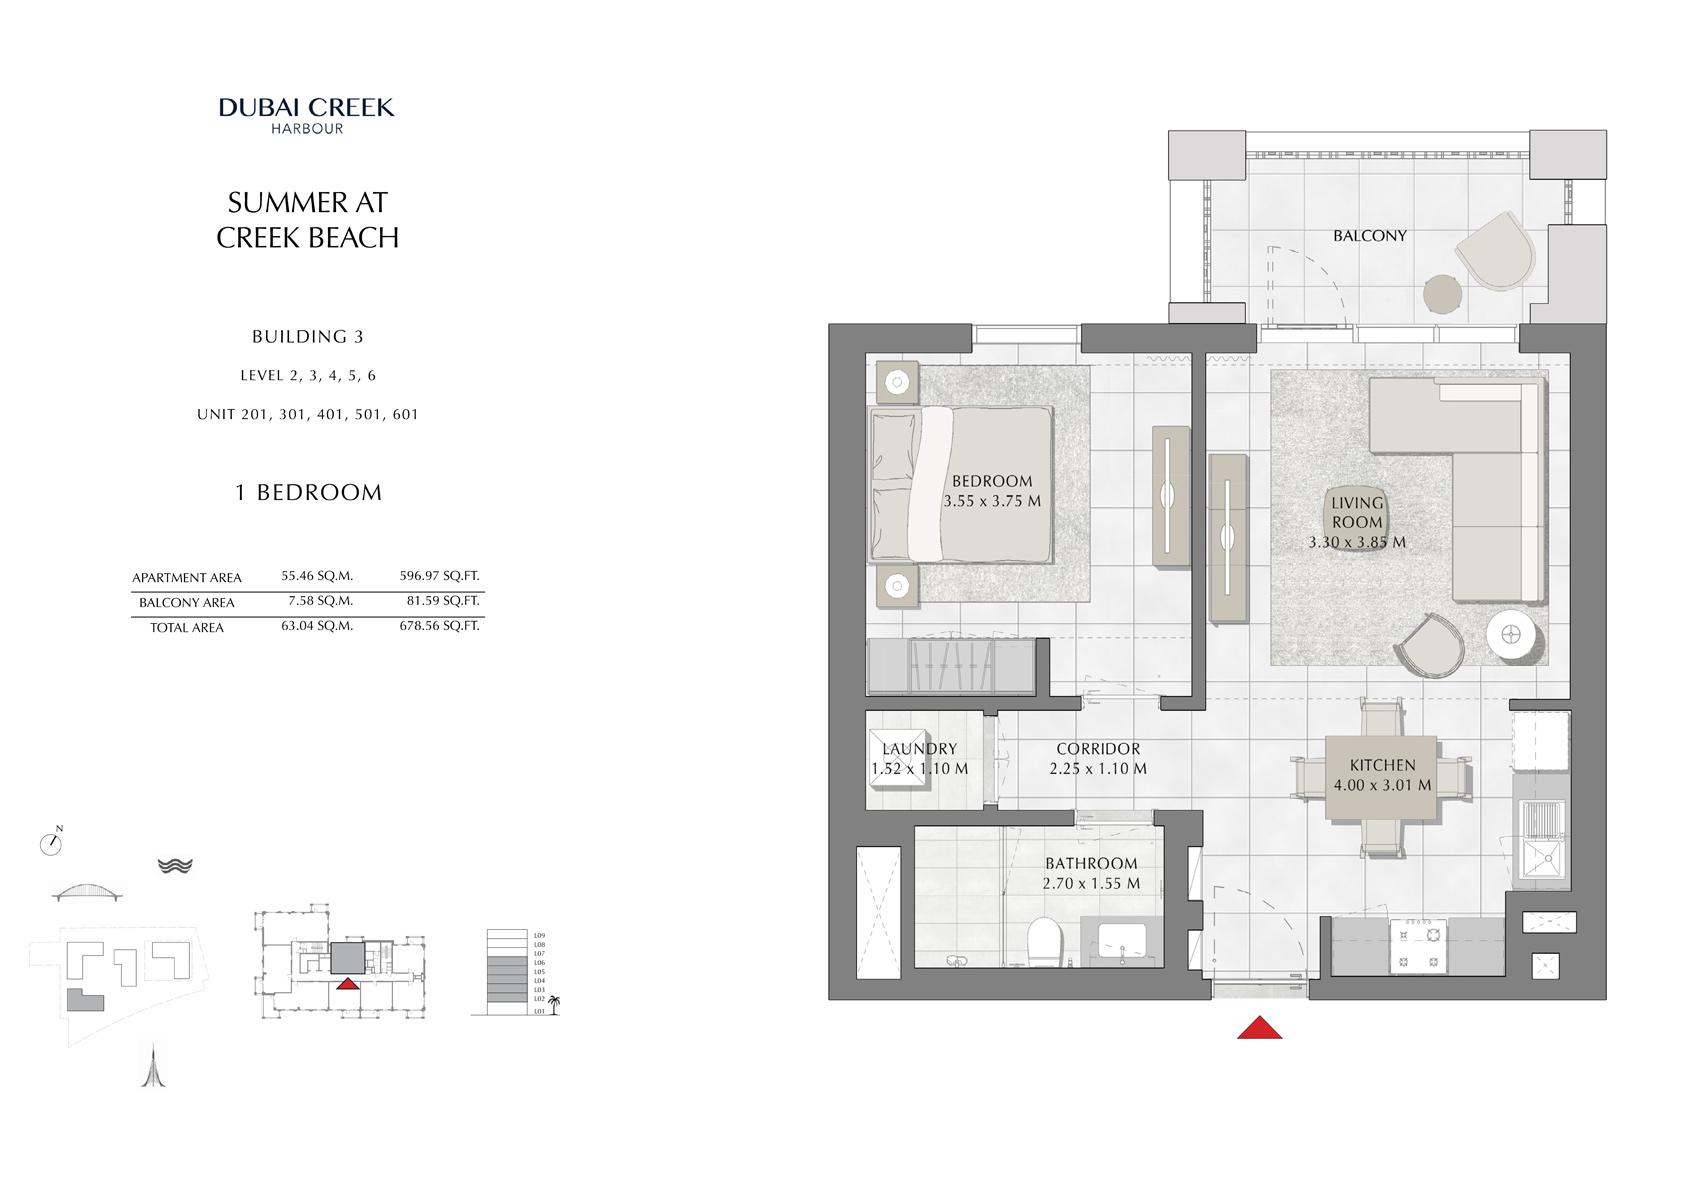 1 Br Building 3 Level-2-3-4-5-6 Unit-201-301-401-501-601, Size 678 Sq Ft